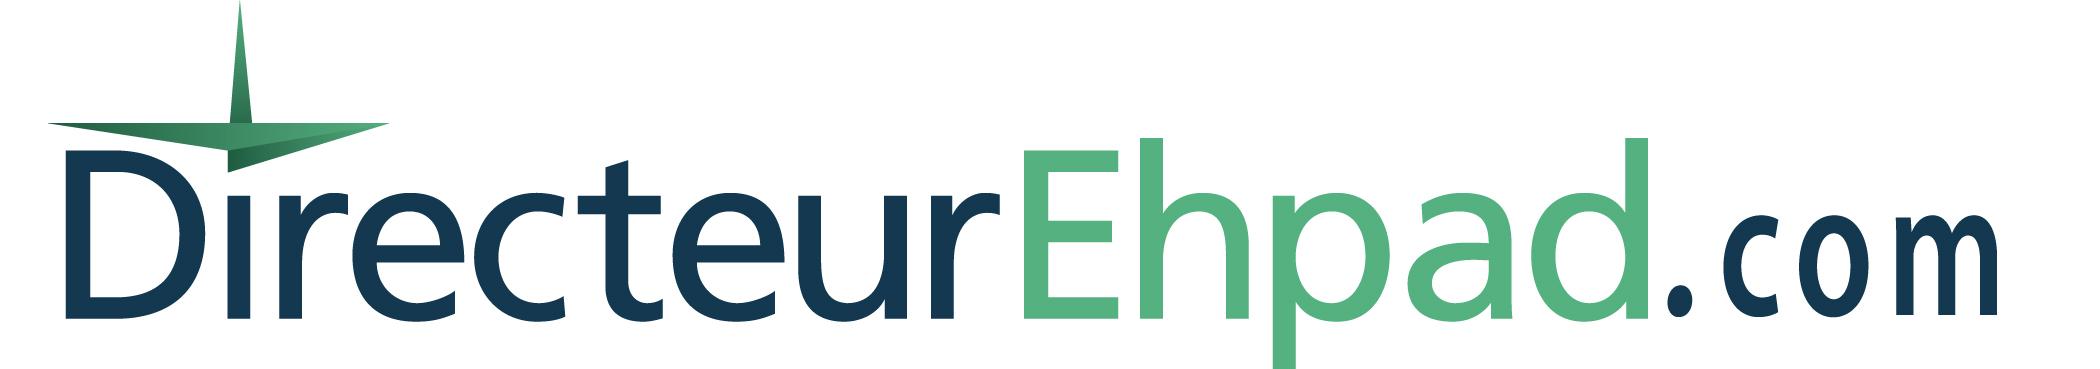 DIRECTEUR EHPAD.COM